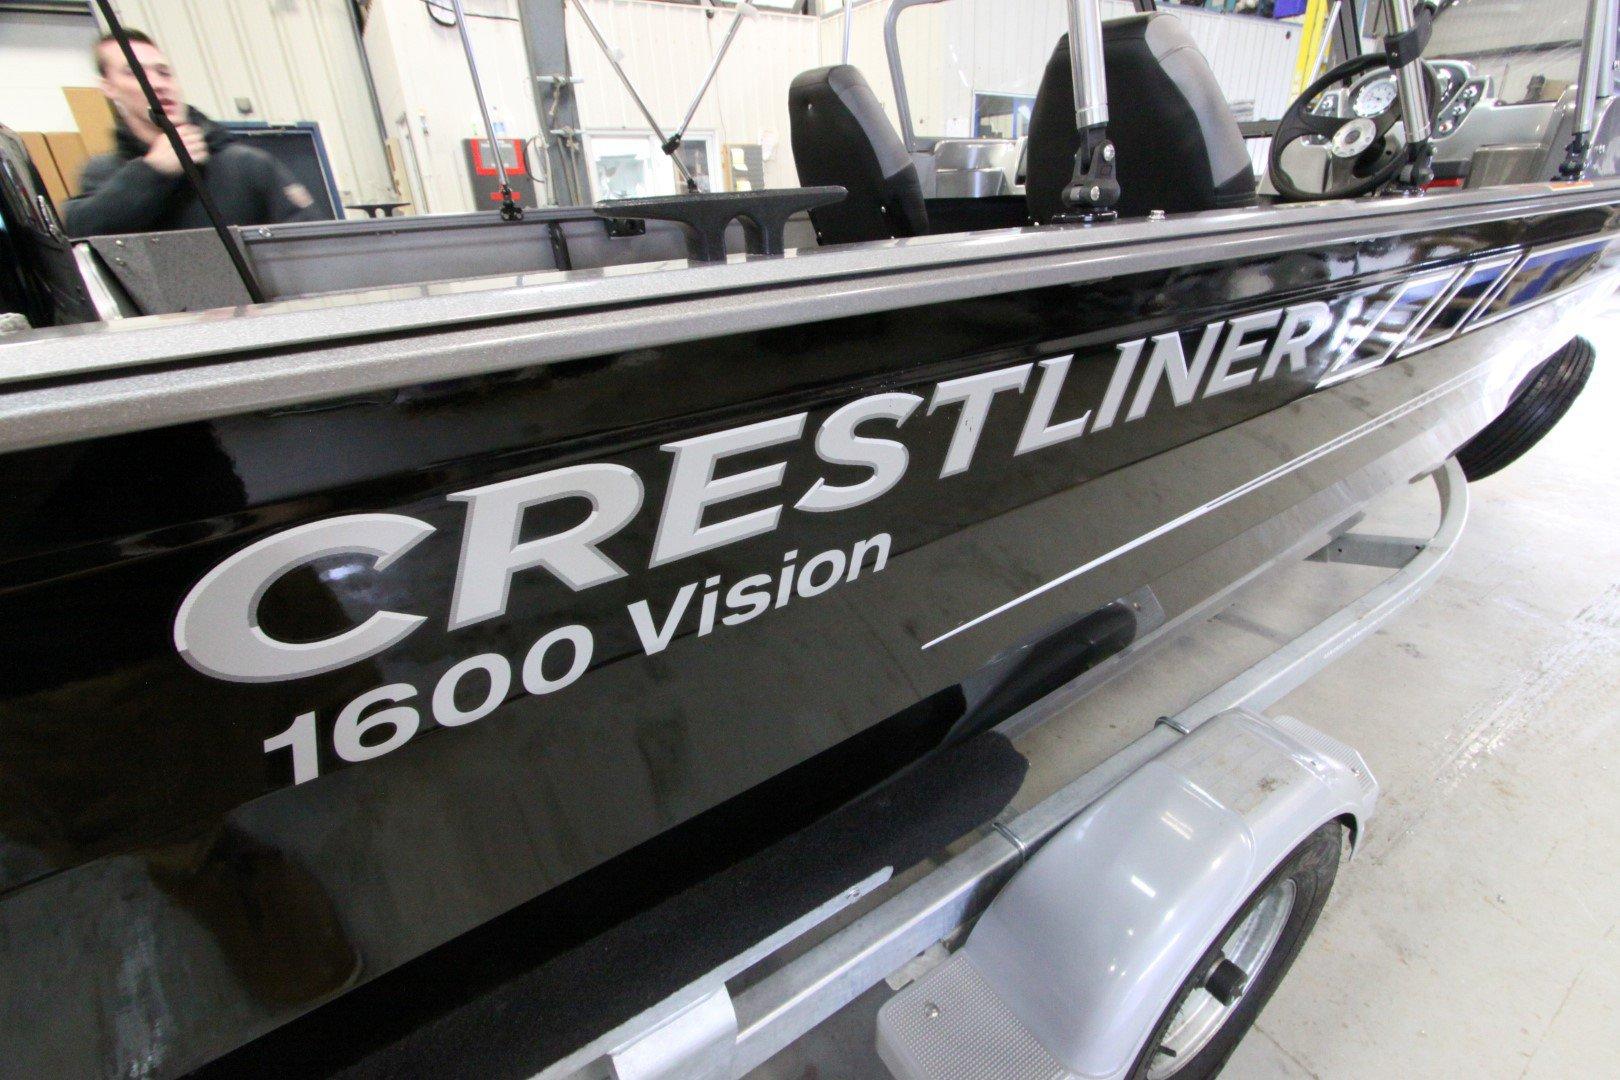 Crestliner Vision 1600 - IMG_9367